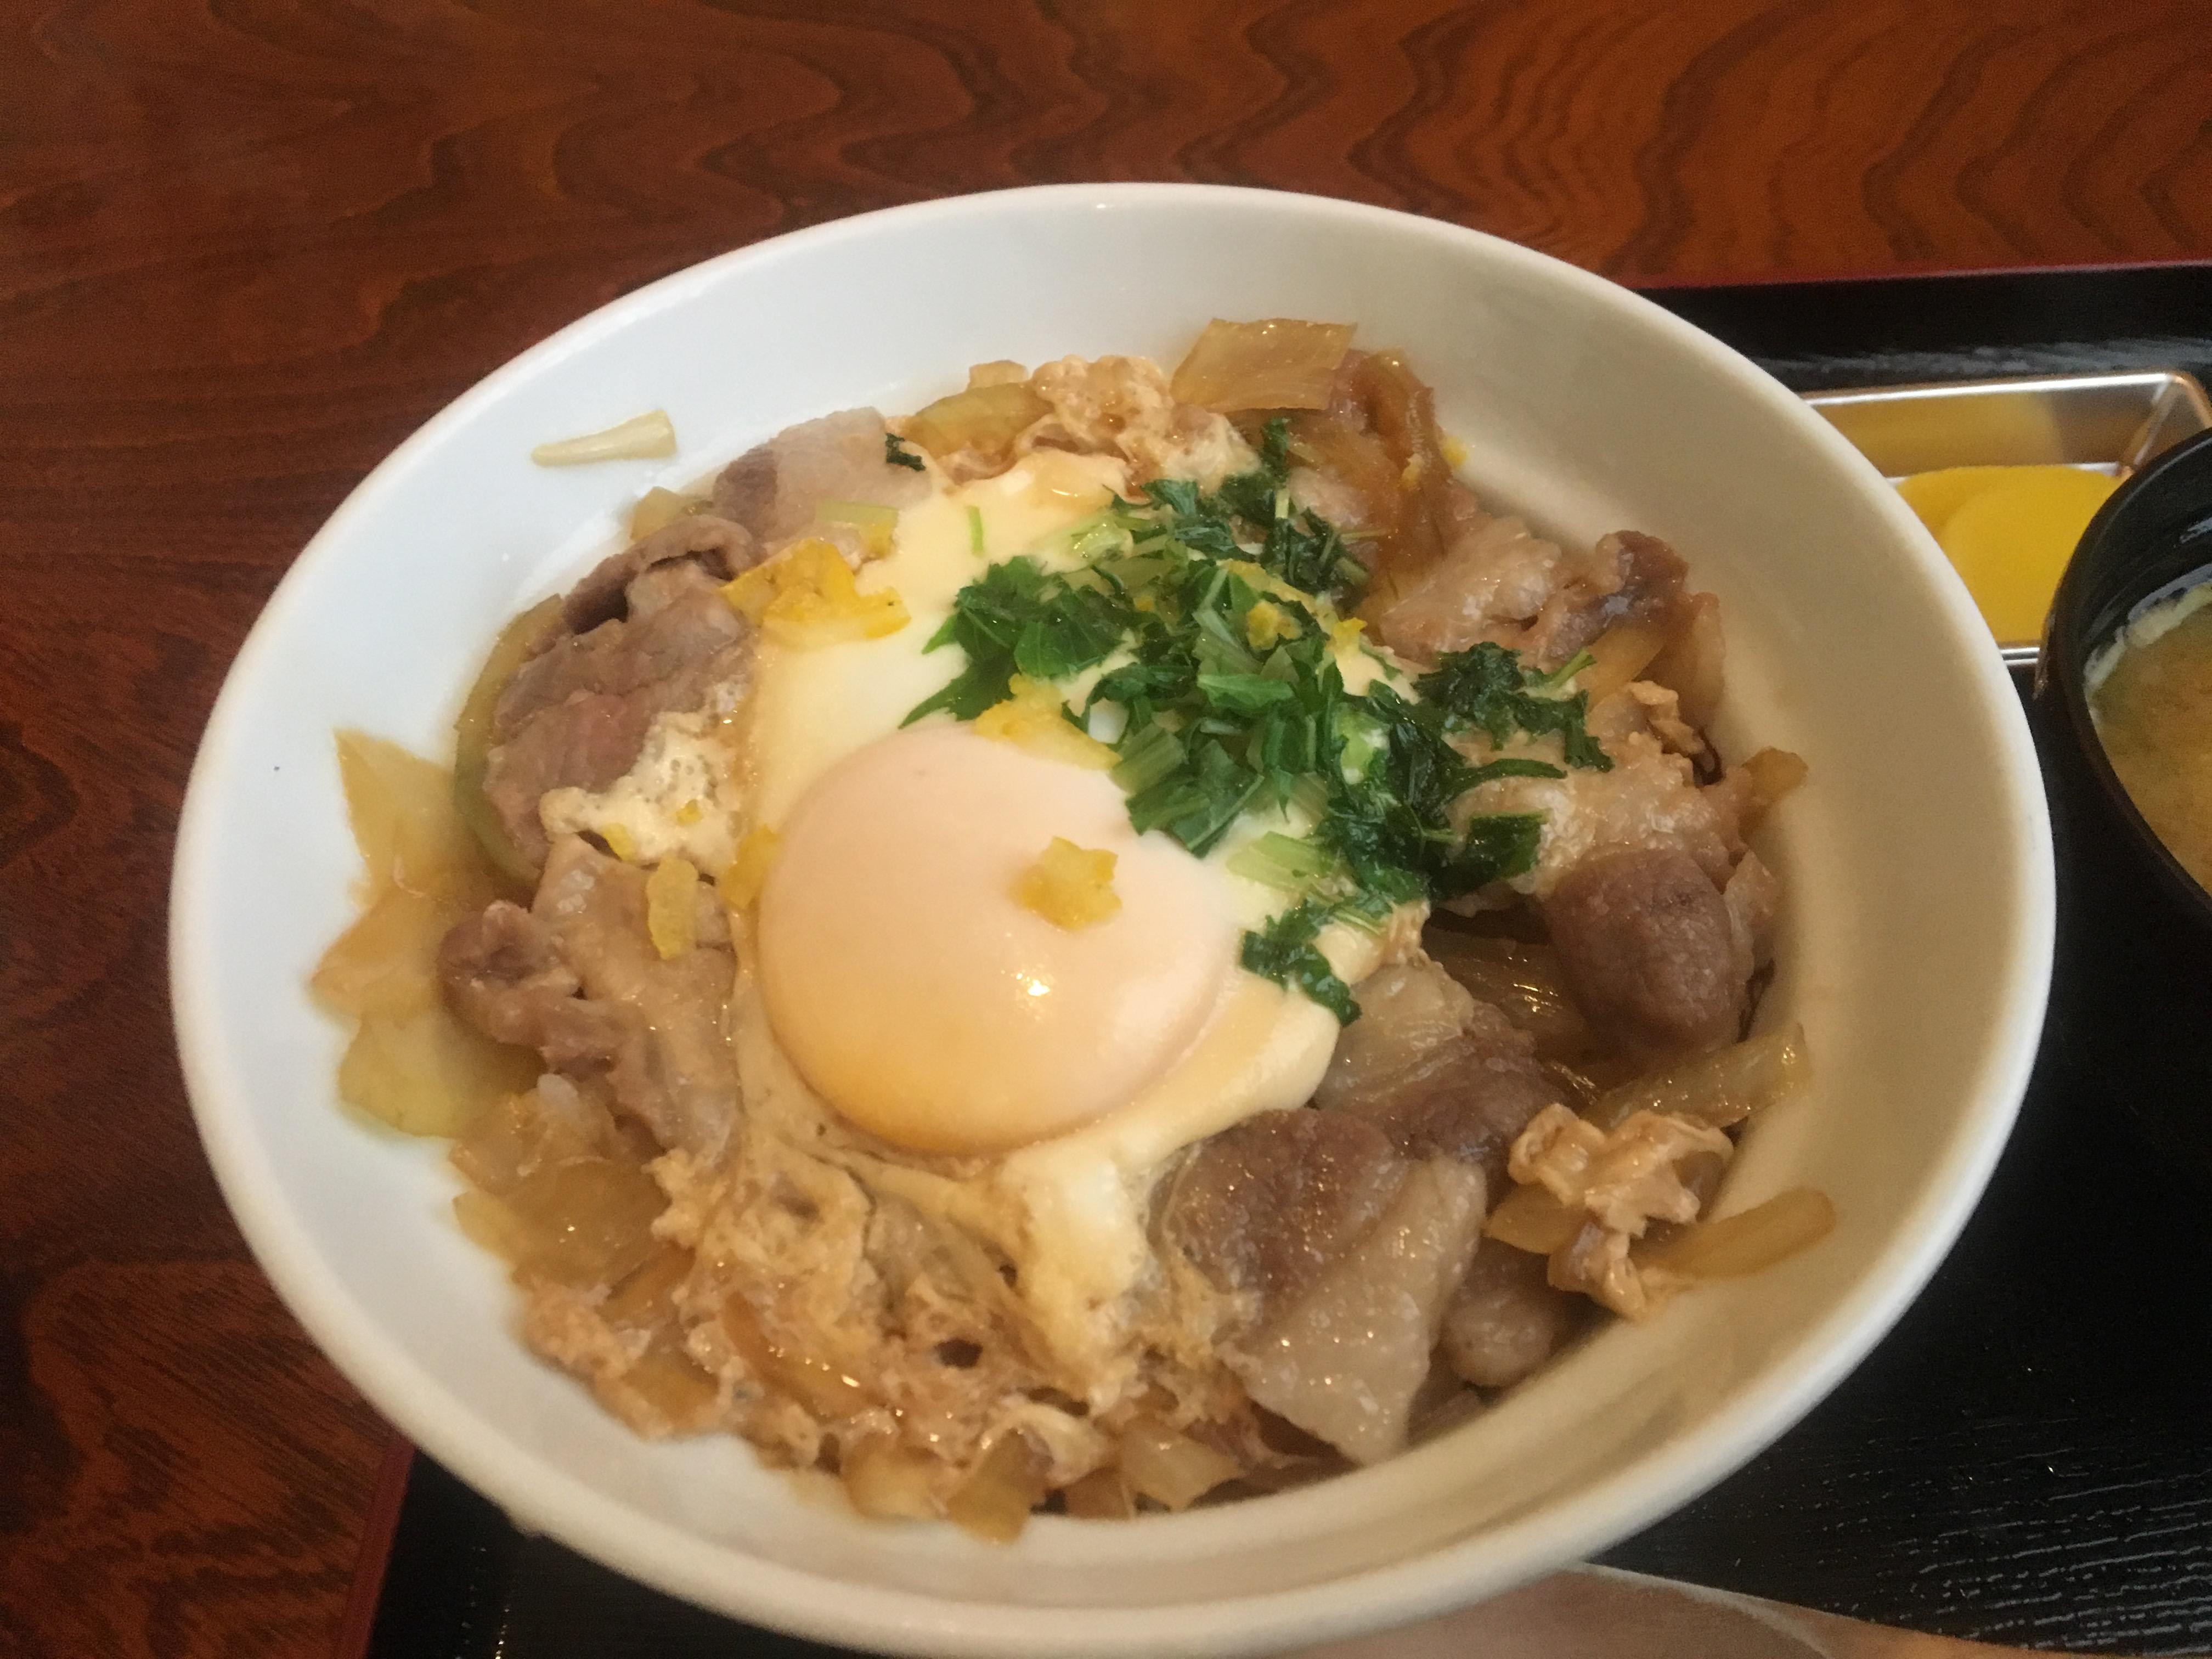 ありがとう根岸愛さん!毛呂山町 その5 美味しすぎてぶったまげ!毛呂山食堂の豚玉毛丼